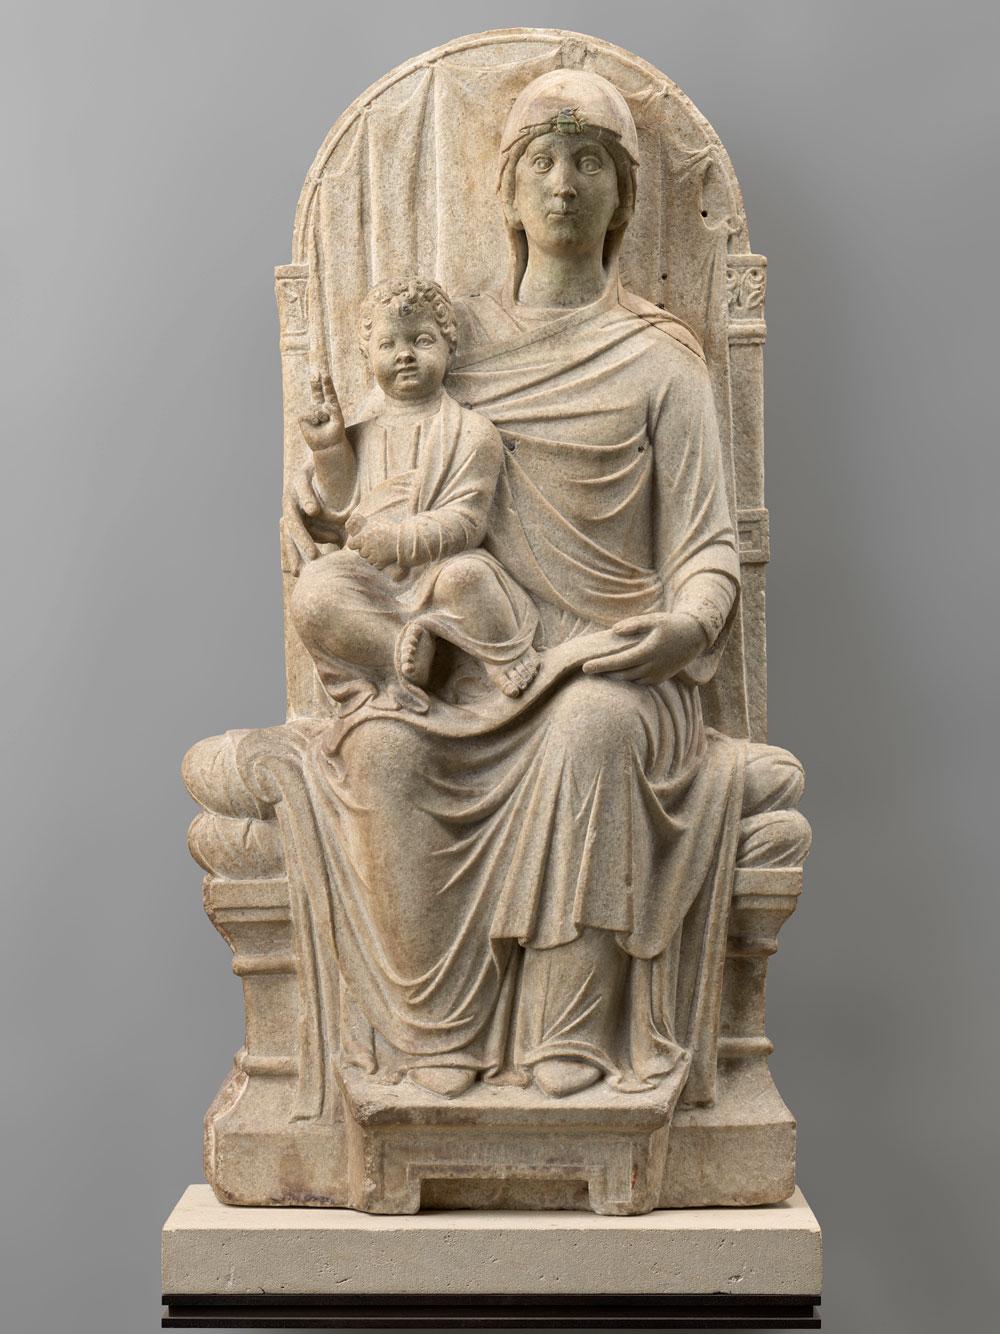 Torna a Ravenna dopo 160 anni la statua che proteggeva il sarcofago di Dante